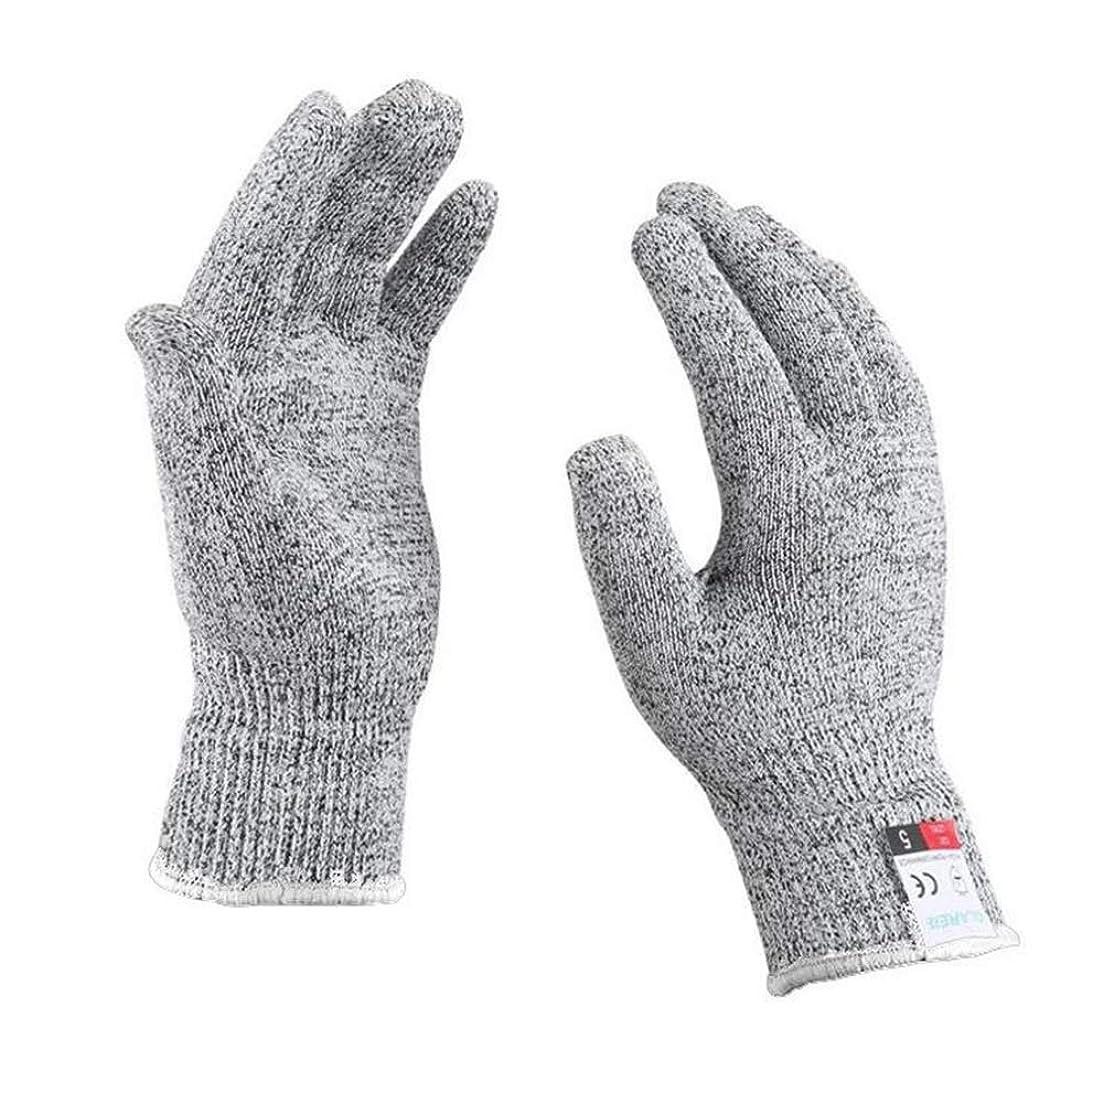 YFFSFDC 防刃手袋 耐切創手袋 作業手袋 手袋 防水 防刃グローブ 軍手 作業用グローブ 防護手袋 滑り止め SMLサイズ (S)